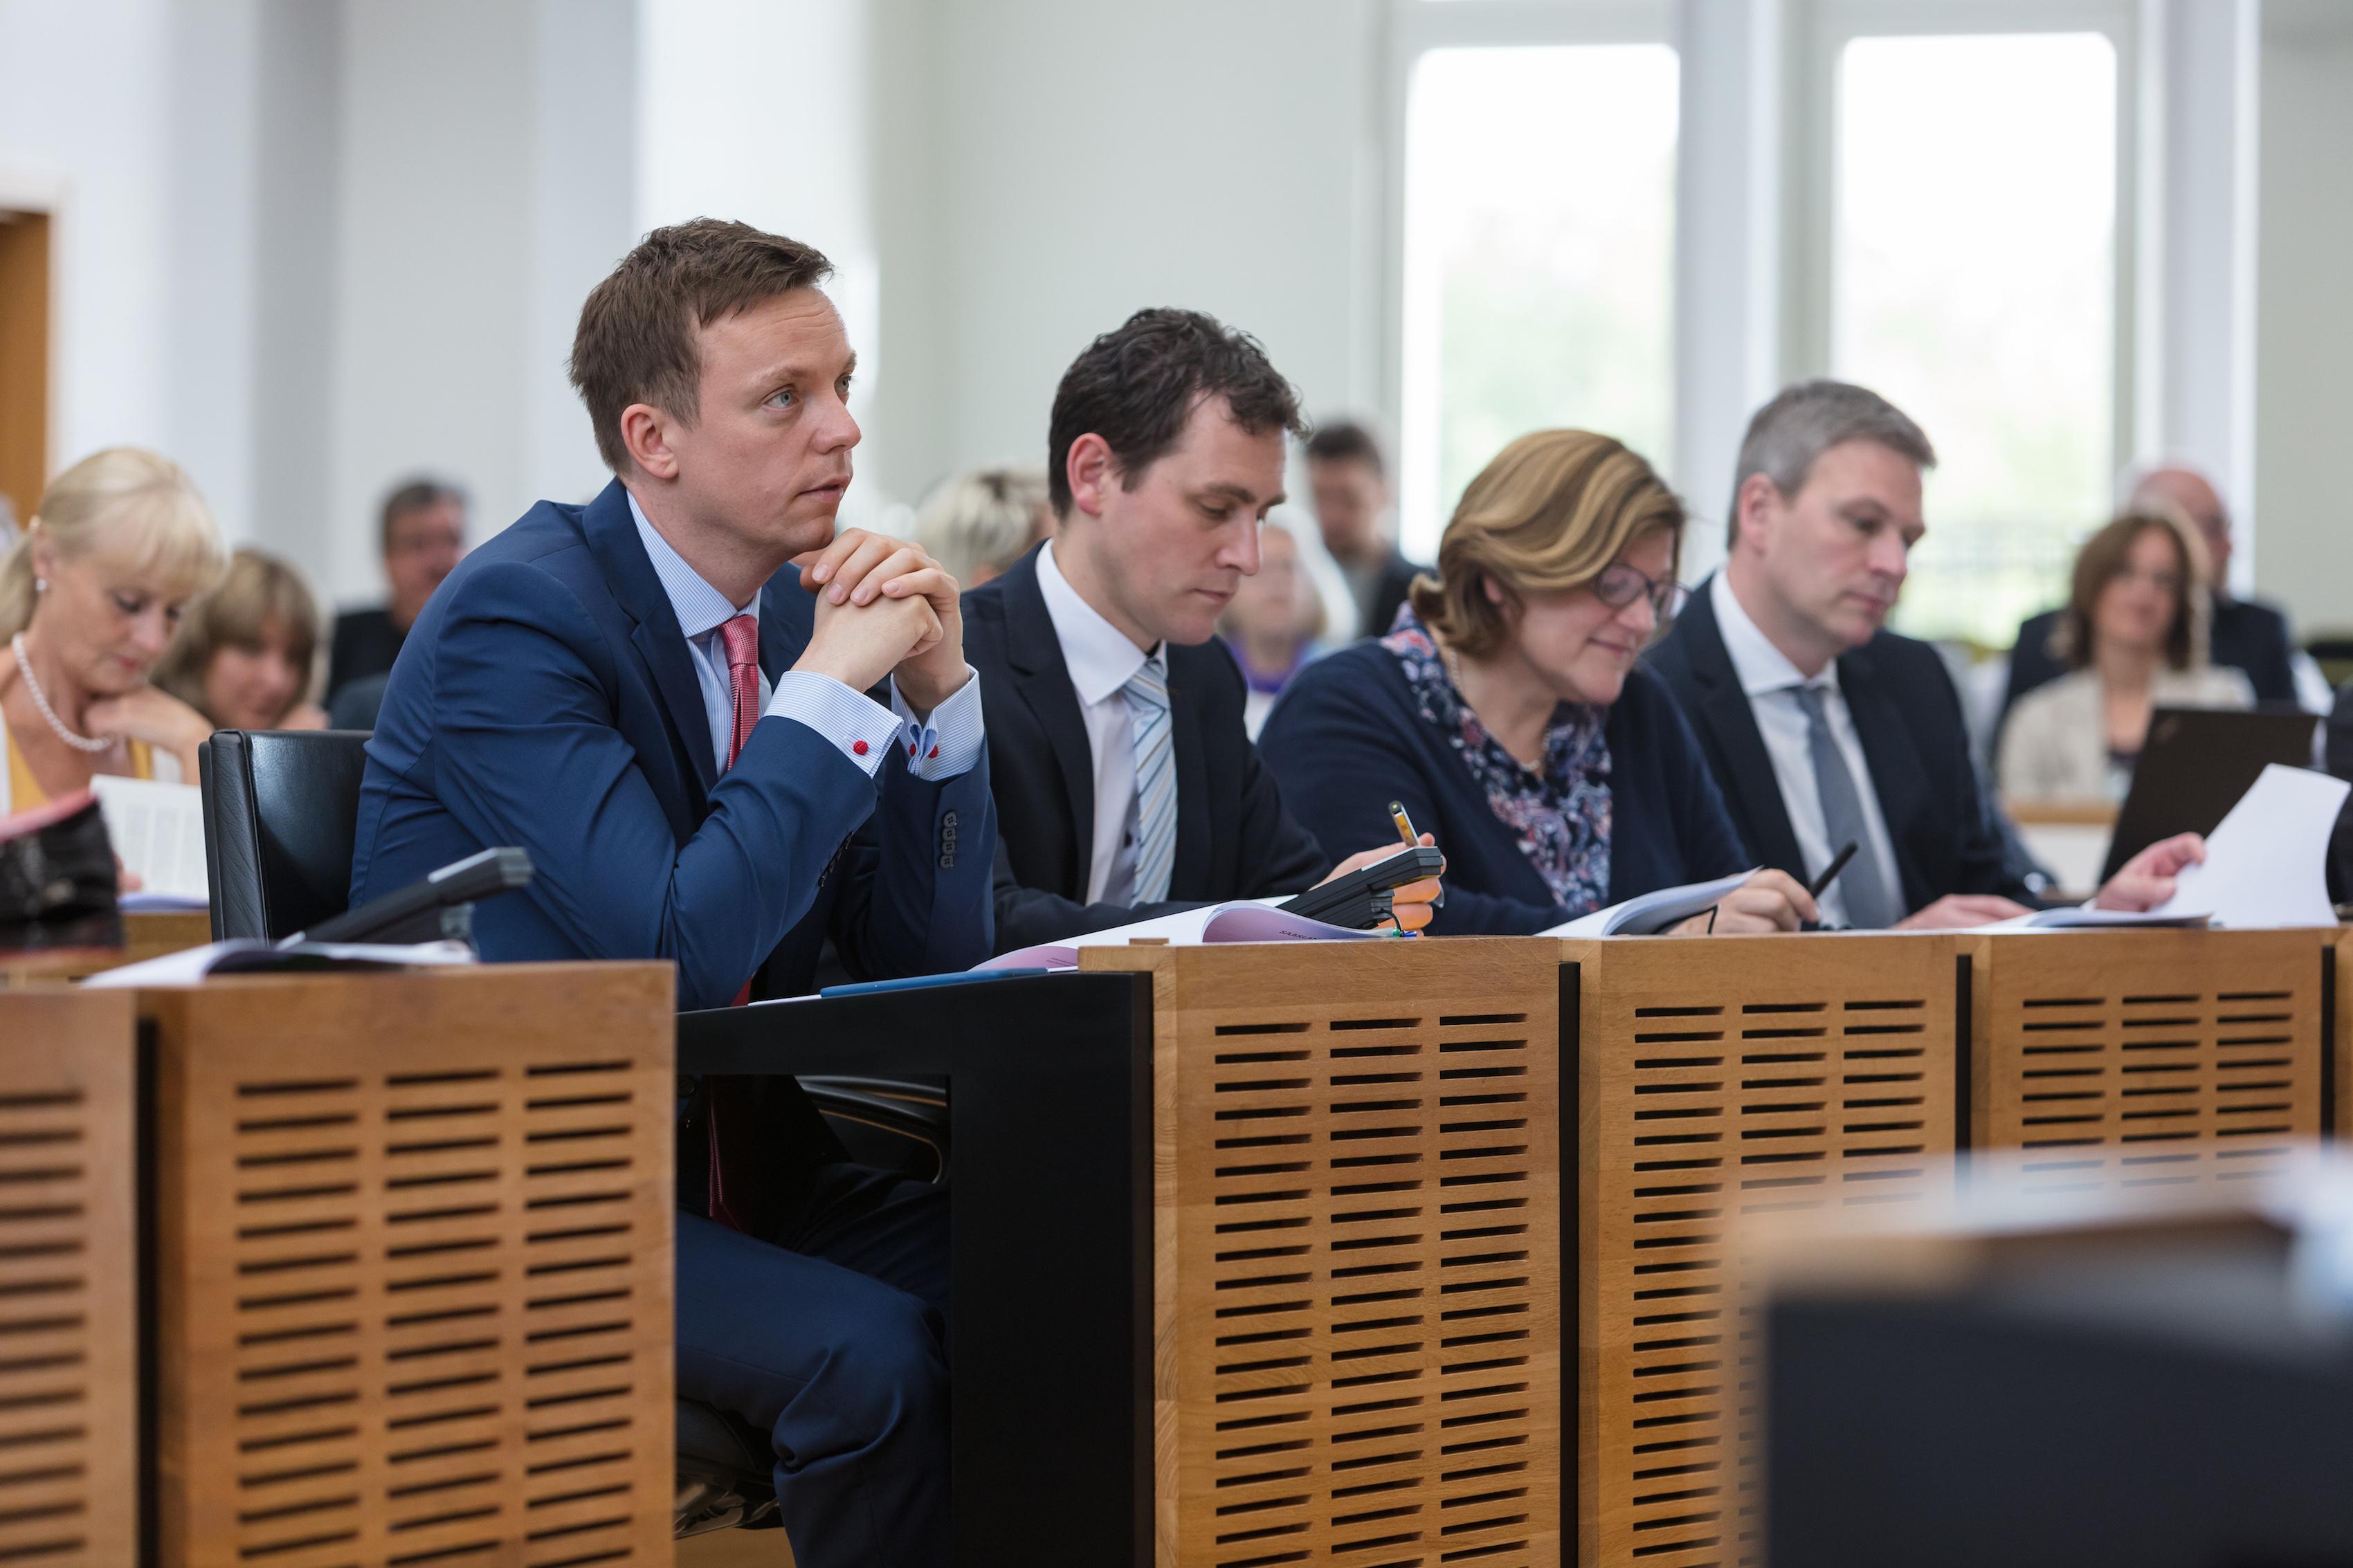 CDU Fraktion des Saarlandes: 11. Landtagssitzung: Verfassungsschutz, Kerosin-Ablass, Landwirtschaft